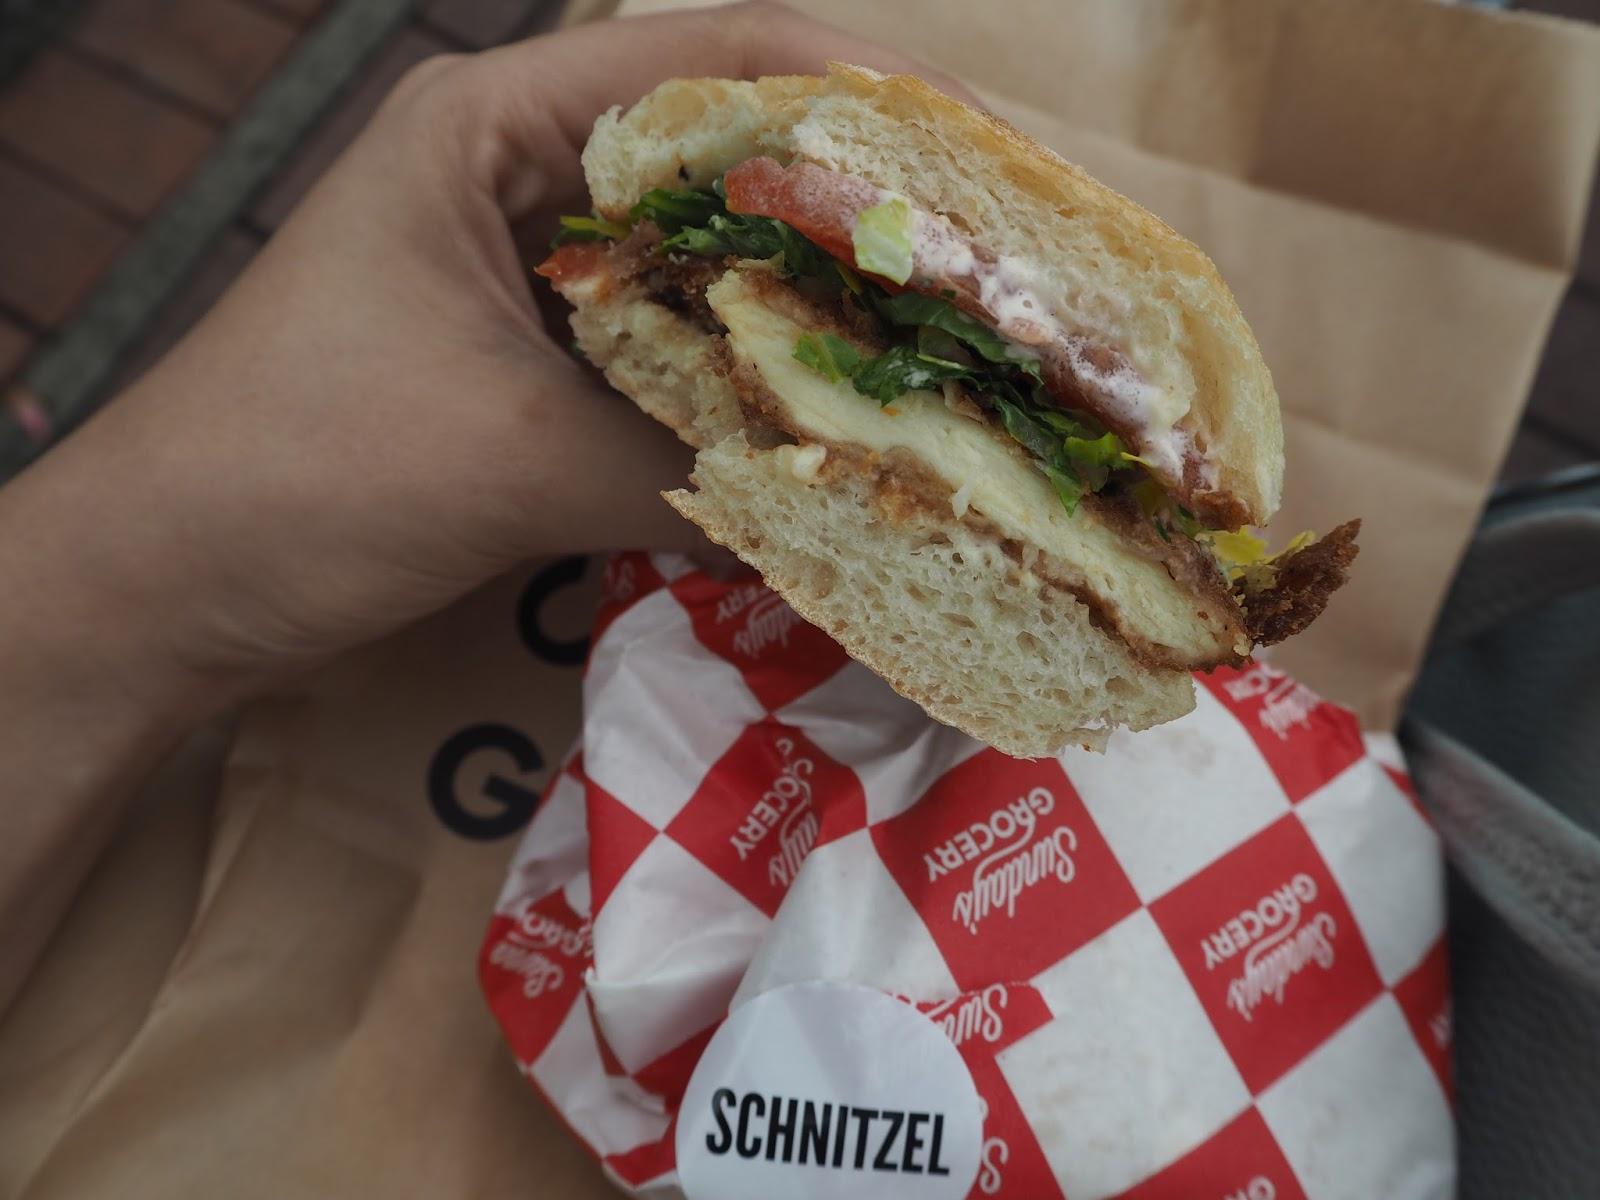 schnitzel sandwich sunday grocery hong kong